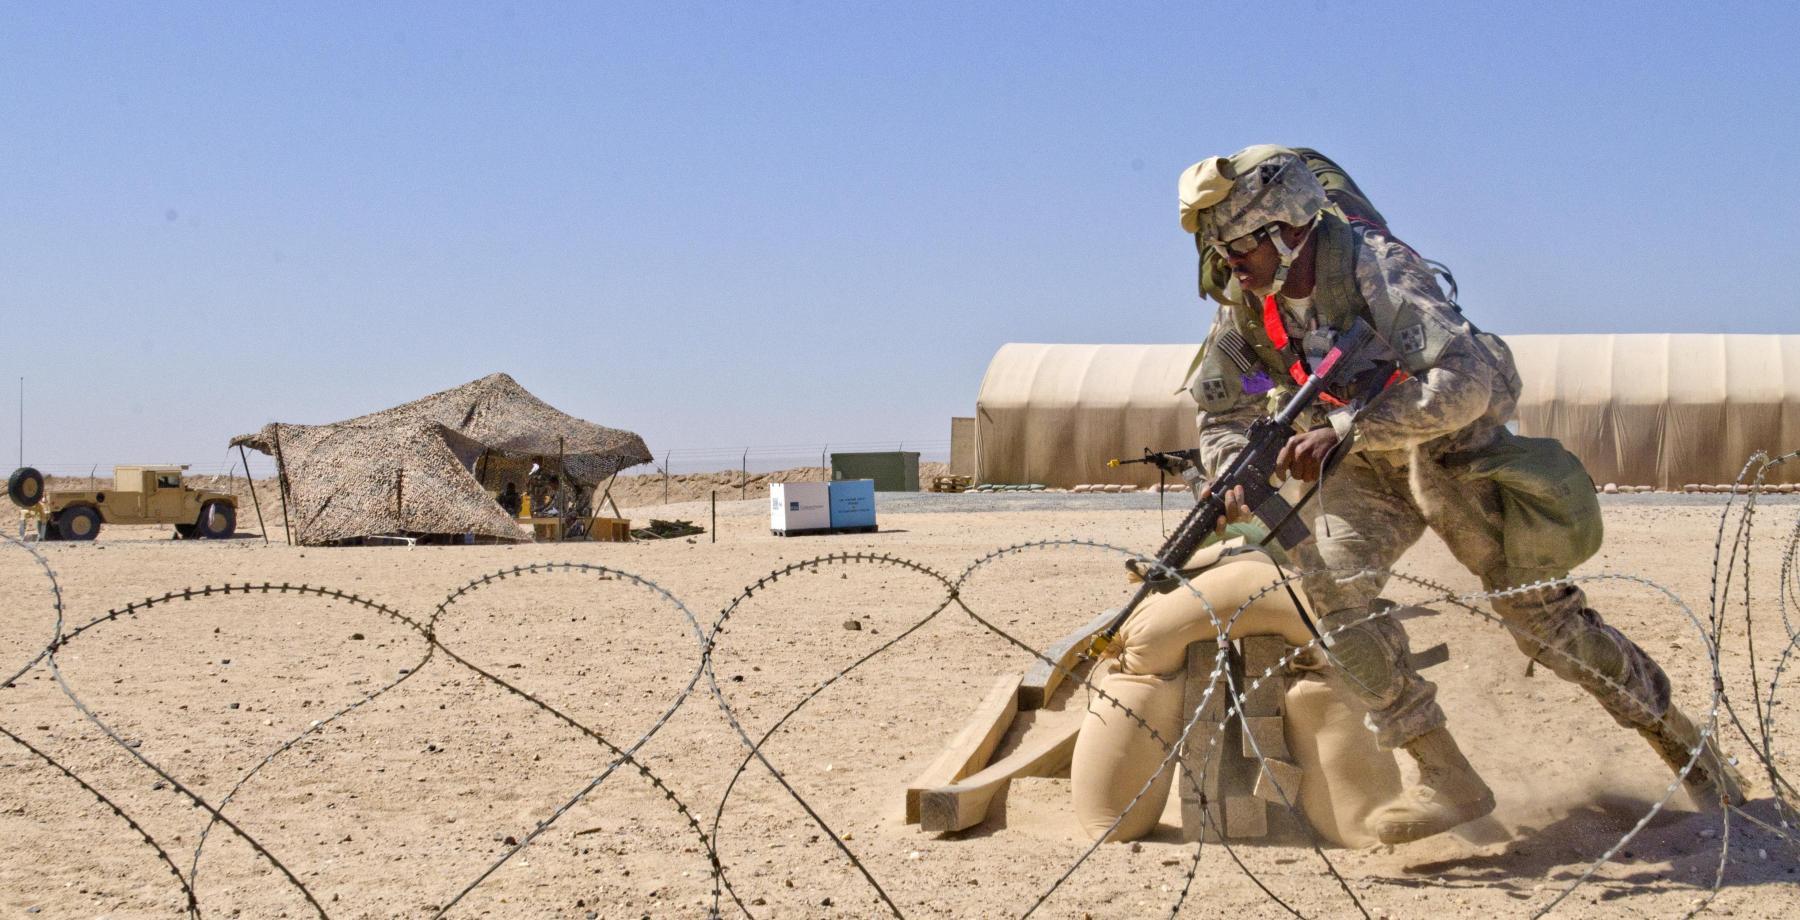 Bắt được nhóm nghi can ISIS lên kế hoạch tấn công binh sĩ Mỹ ở Kuwait